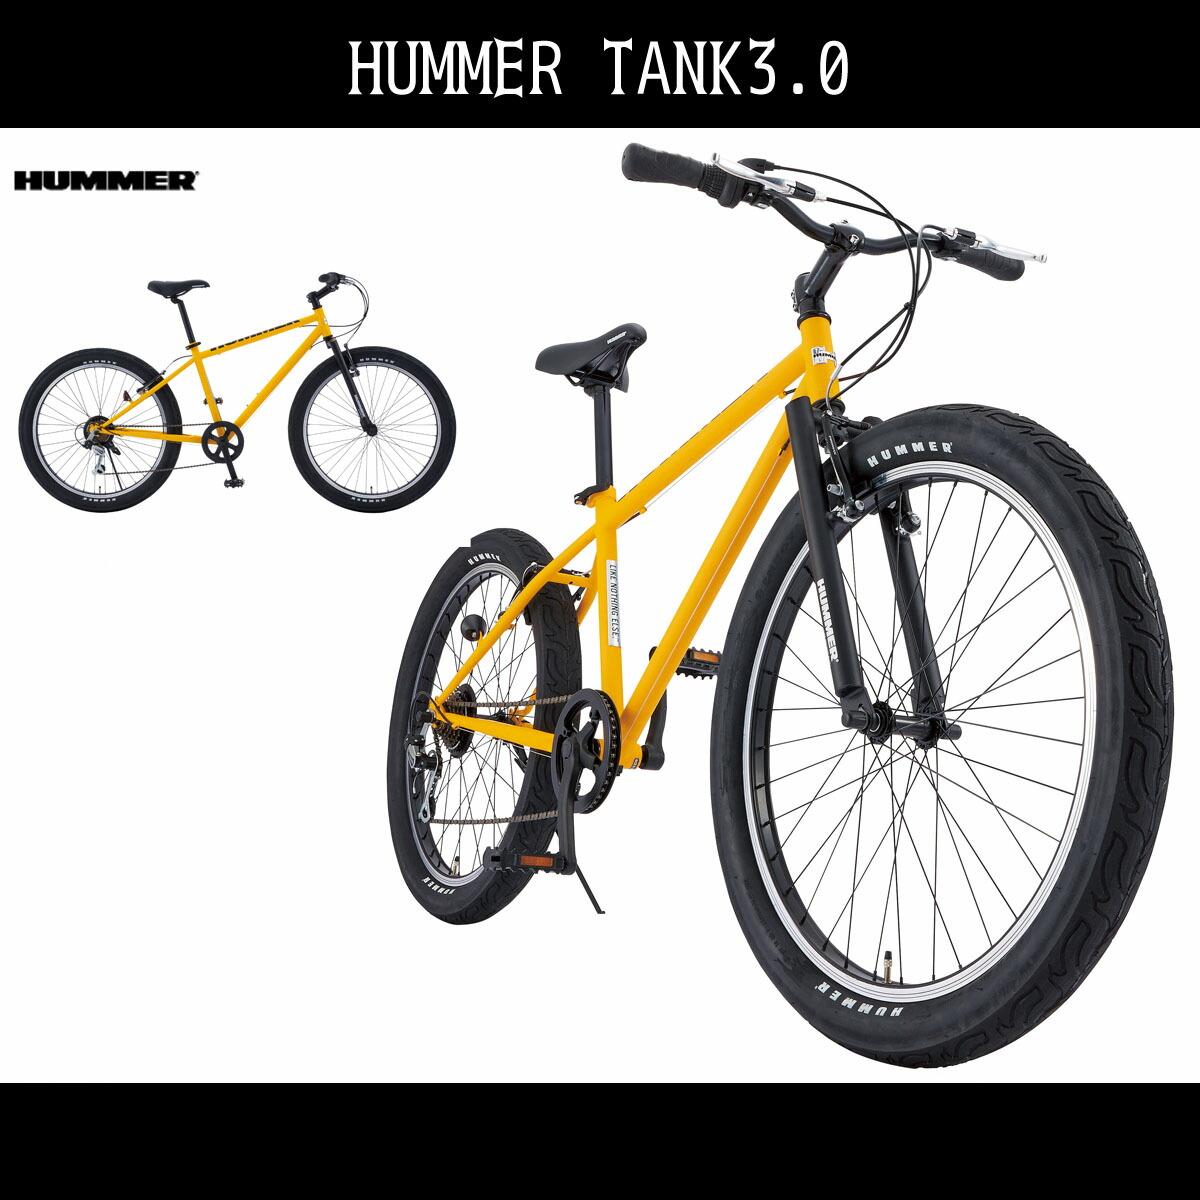 マウンテンバイク ハマー HUMMER 自転車 自転車 イエロー 黄色26インチ マウンテンバイク ハマー 外装6段変速ギア ハマー 自転車 TANK3.0 激安 格安 変速付き